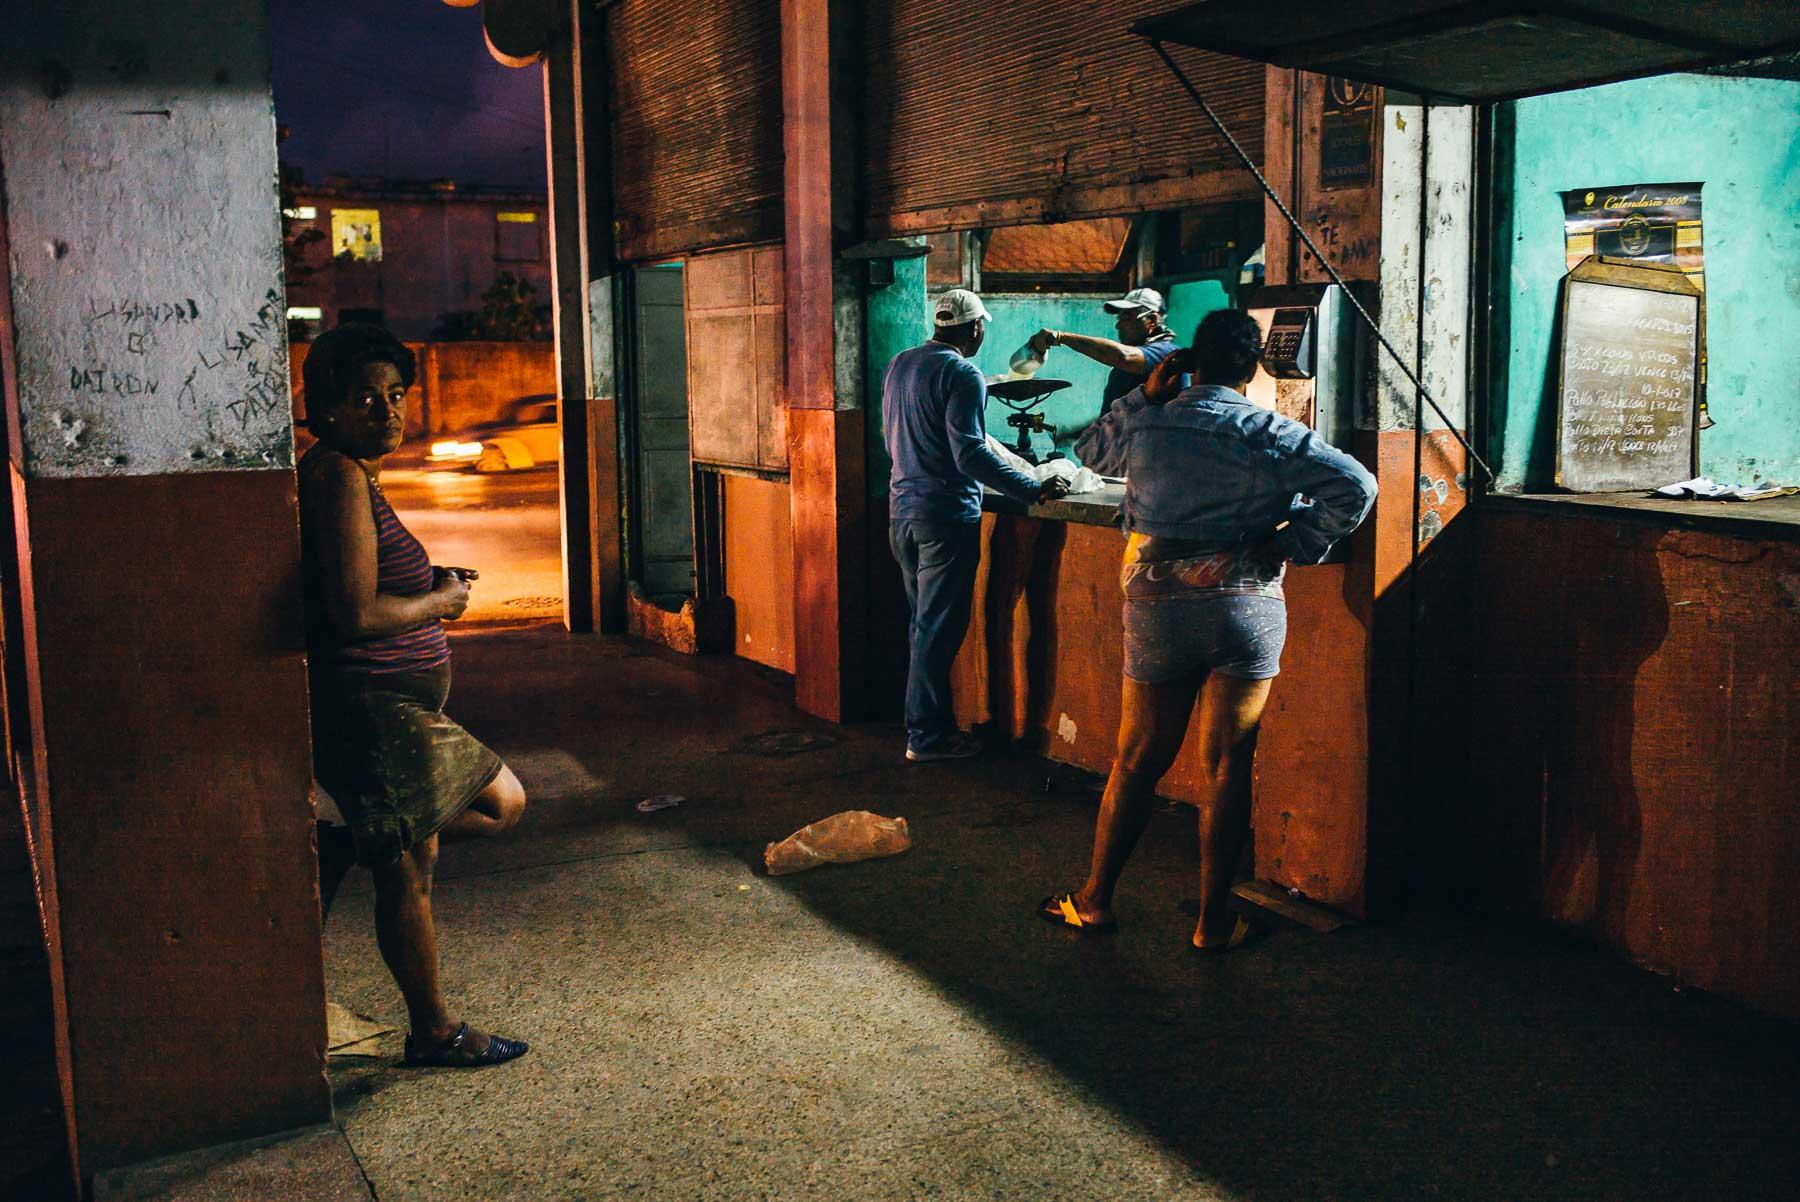 havana_cuba_workshop_photographers_04.jpg